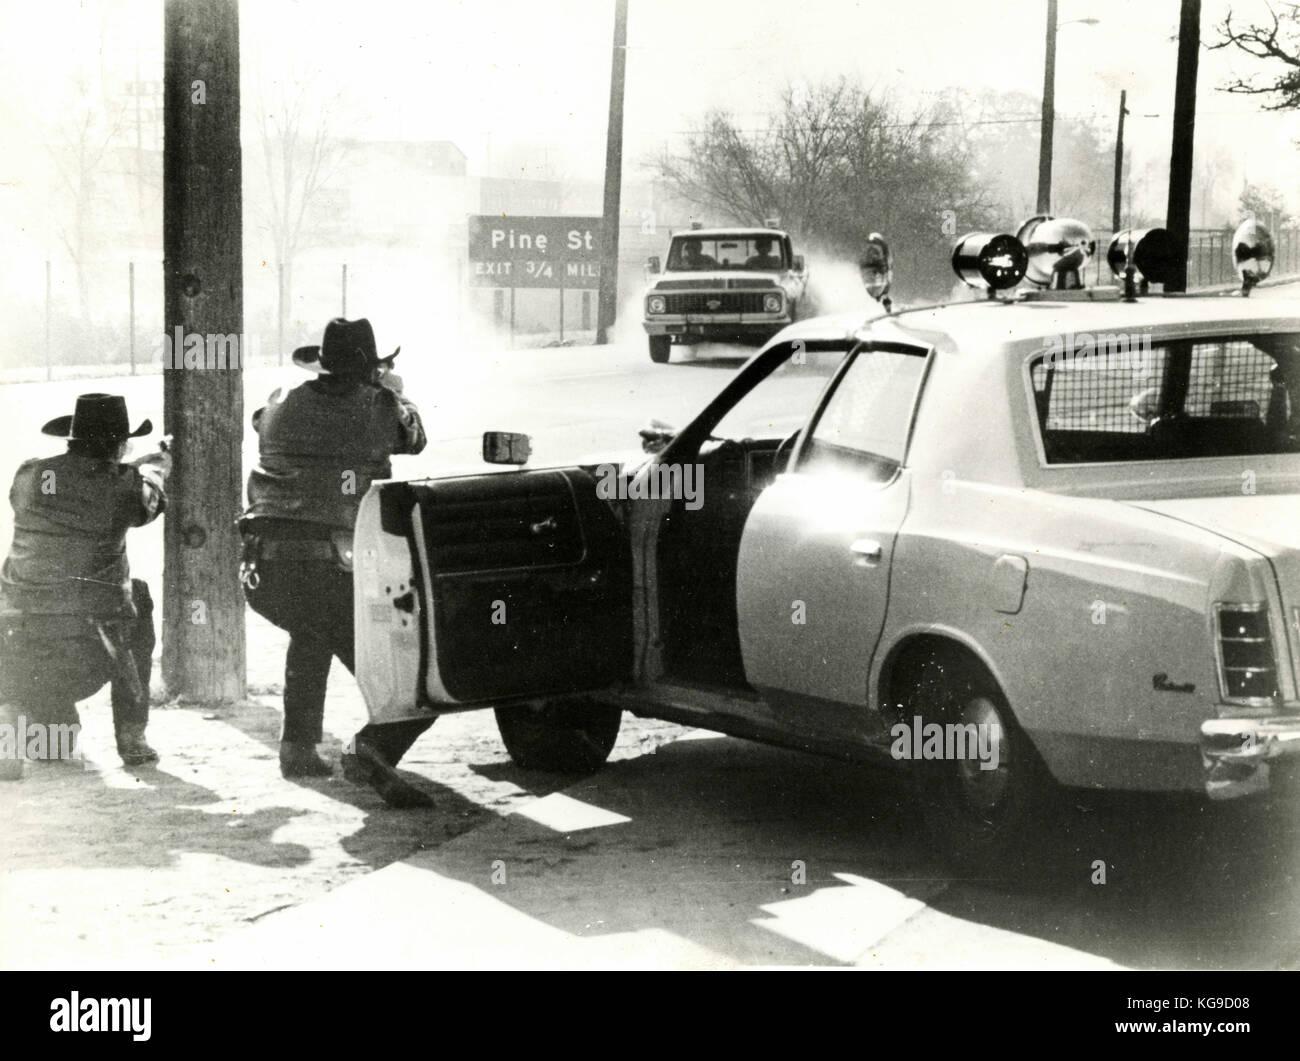 Scène de film non identifiés à partir des années 1980 Photo Stock